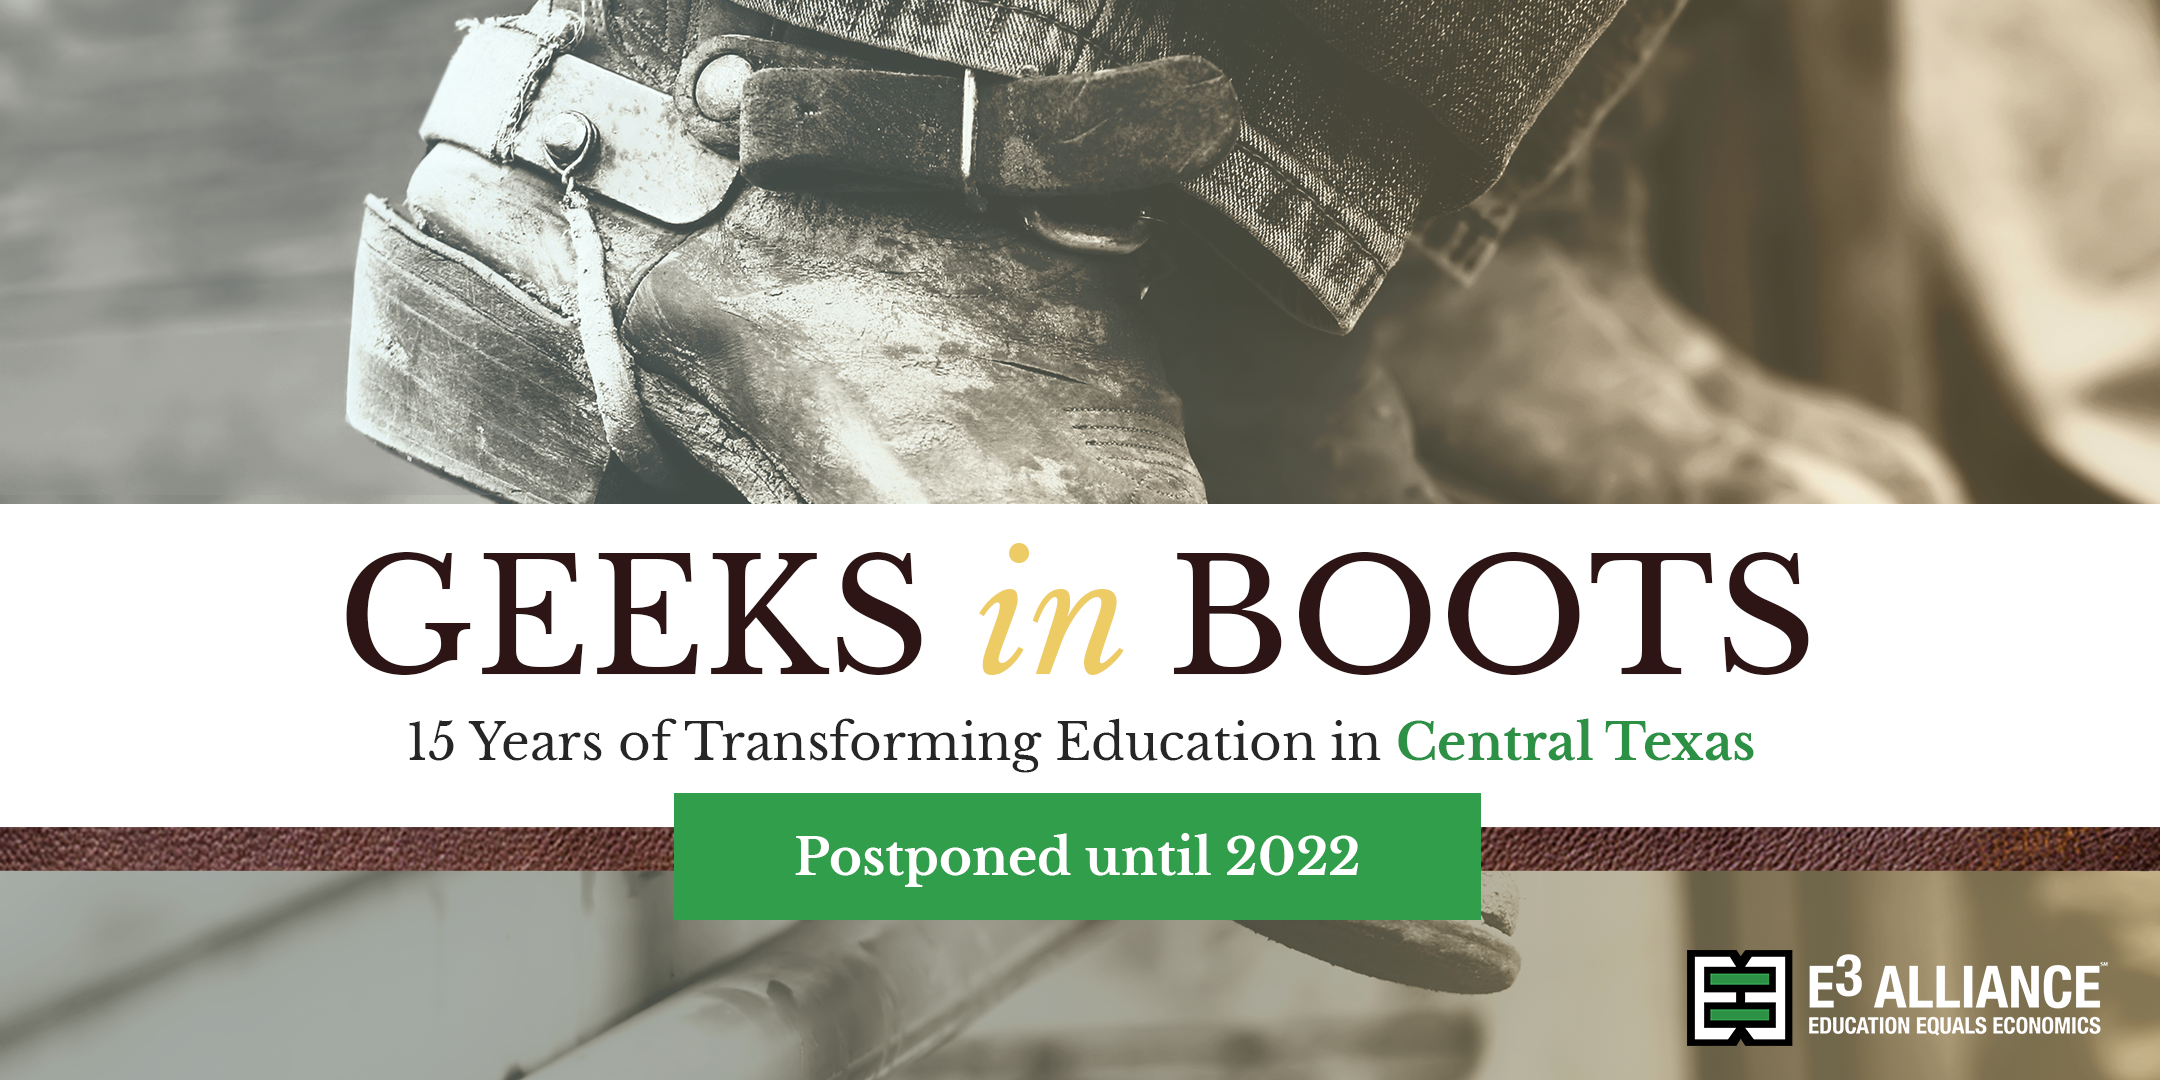 Geeks in Boots Postponed until 2022